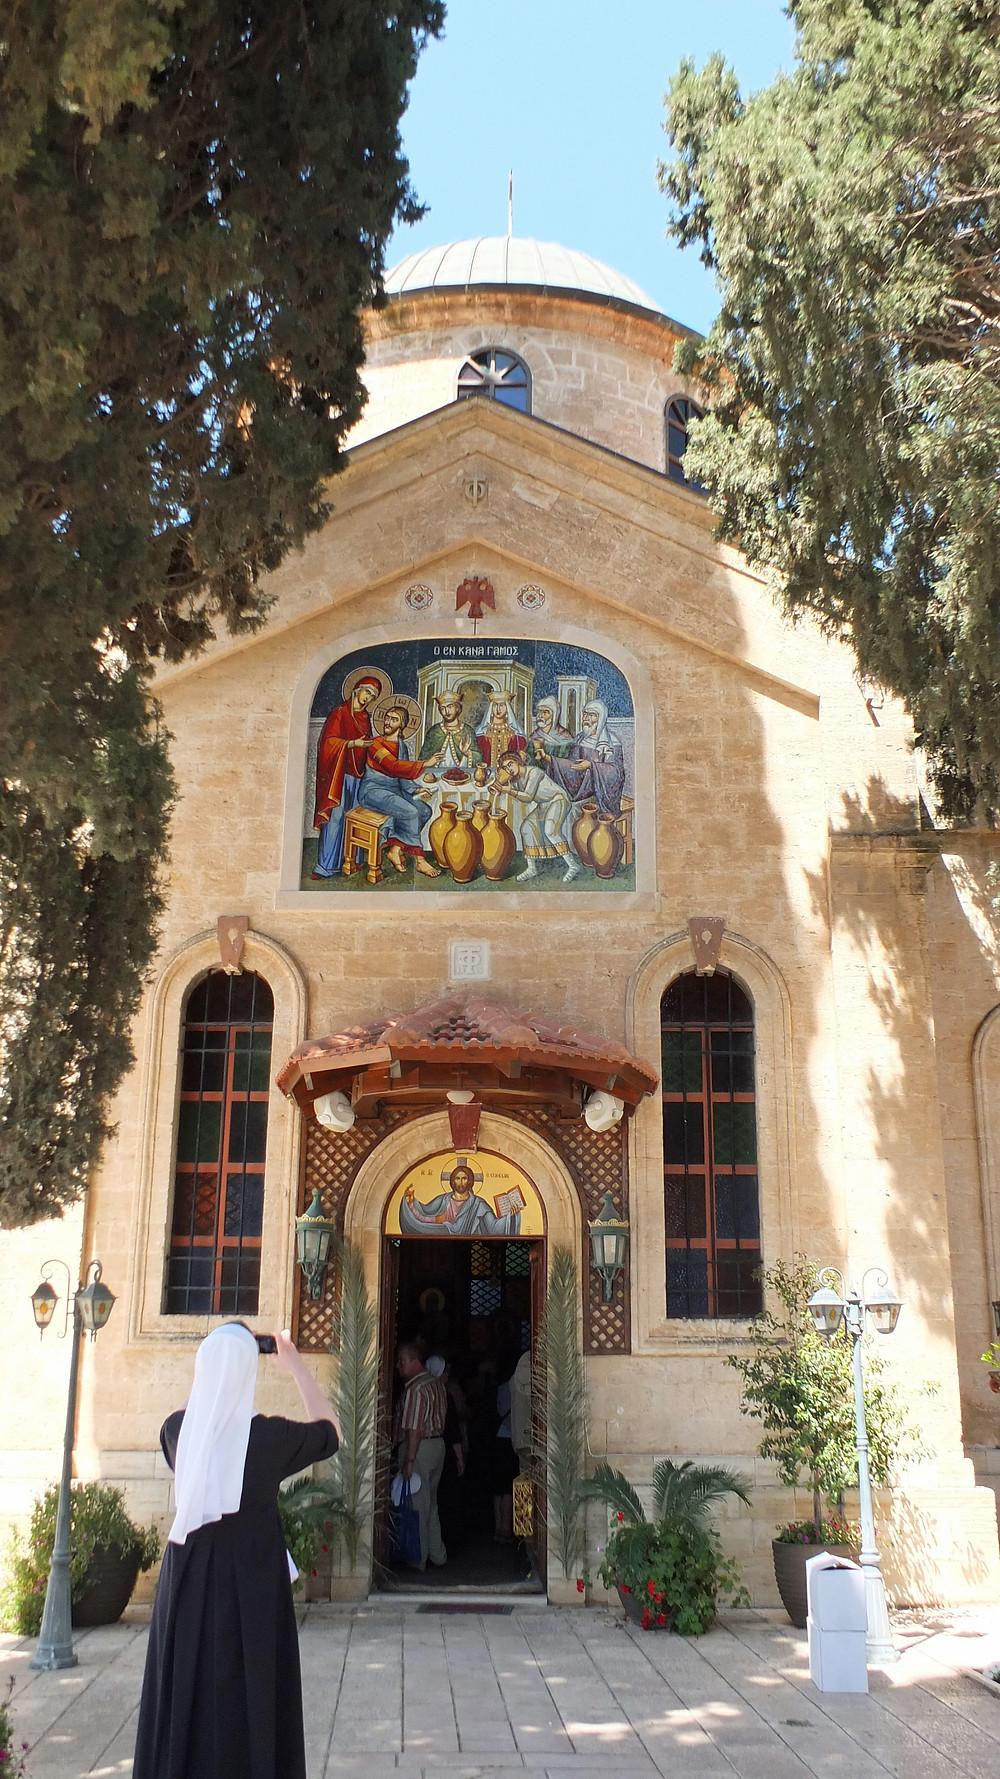 Griechisch-Orthodoxe Hochzeitskirche in Kfar Kana, Israel